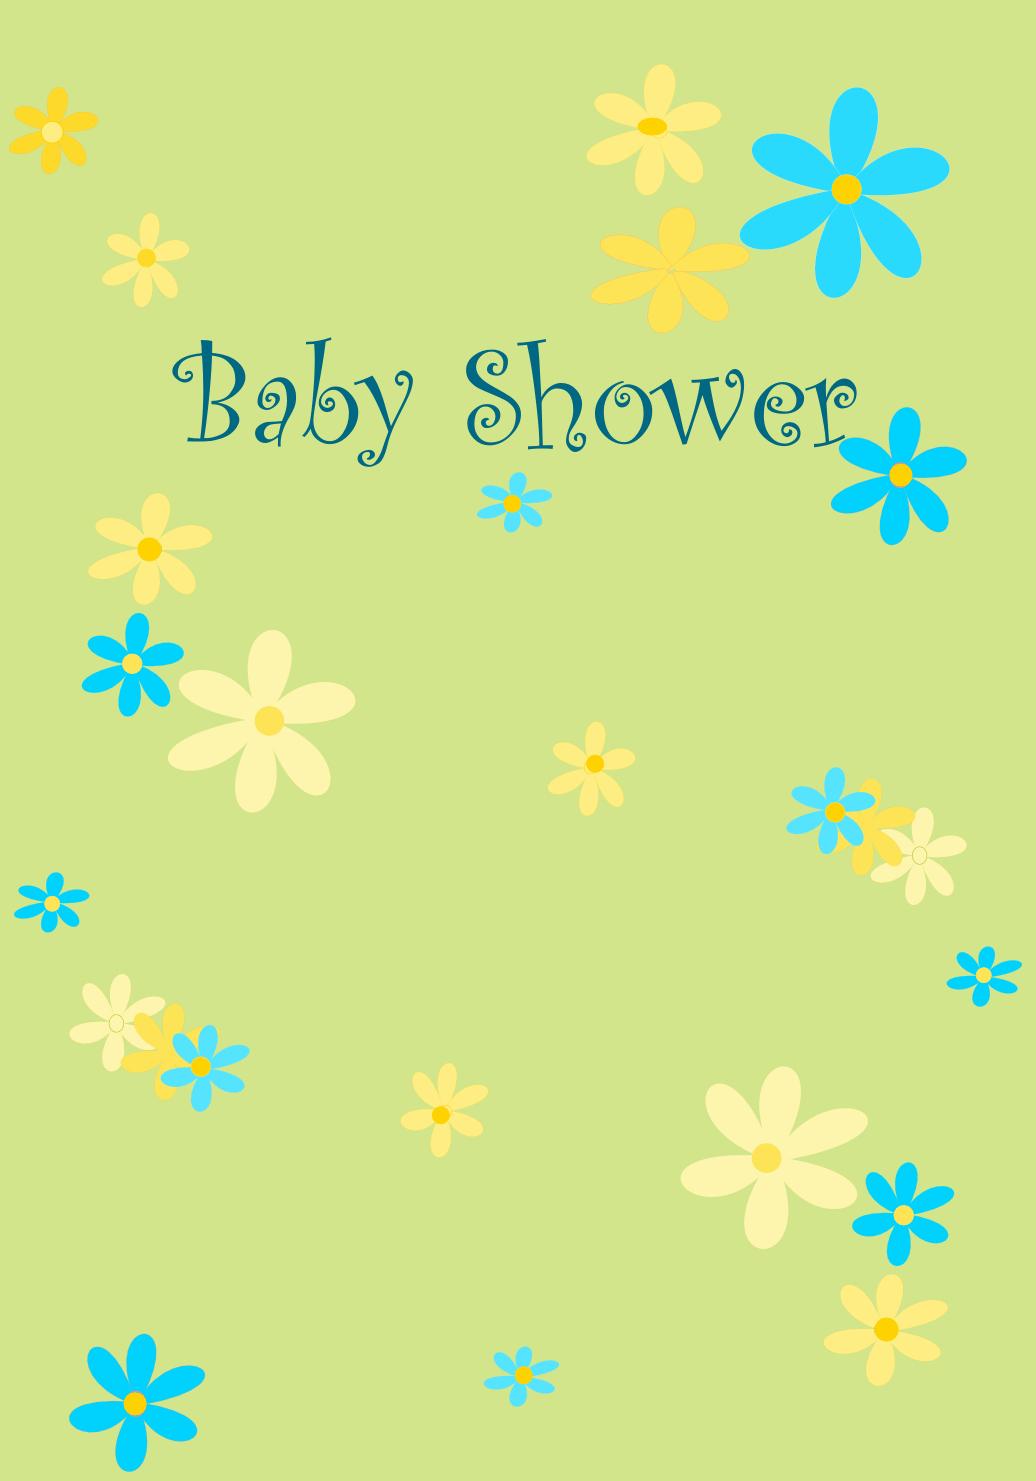 Baby Shower Card Printable New Printable Birthday Cards Printable Baby Shower Cards